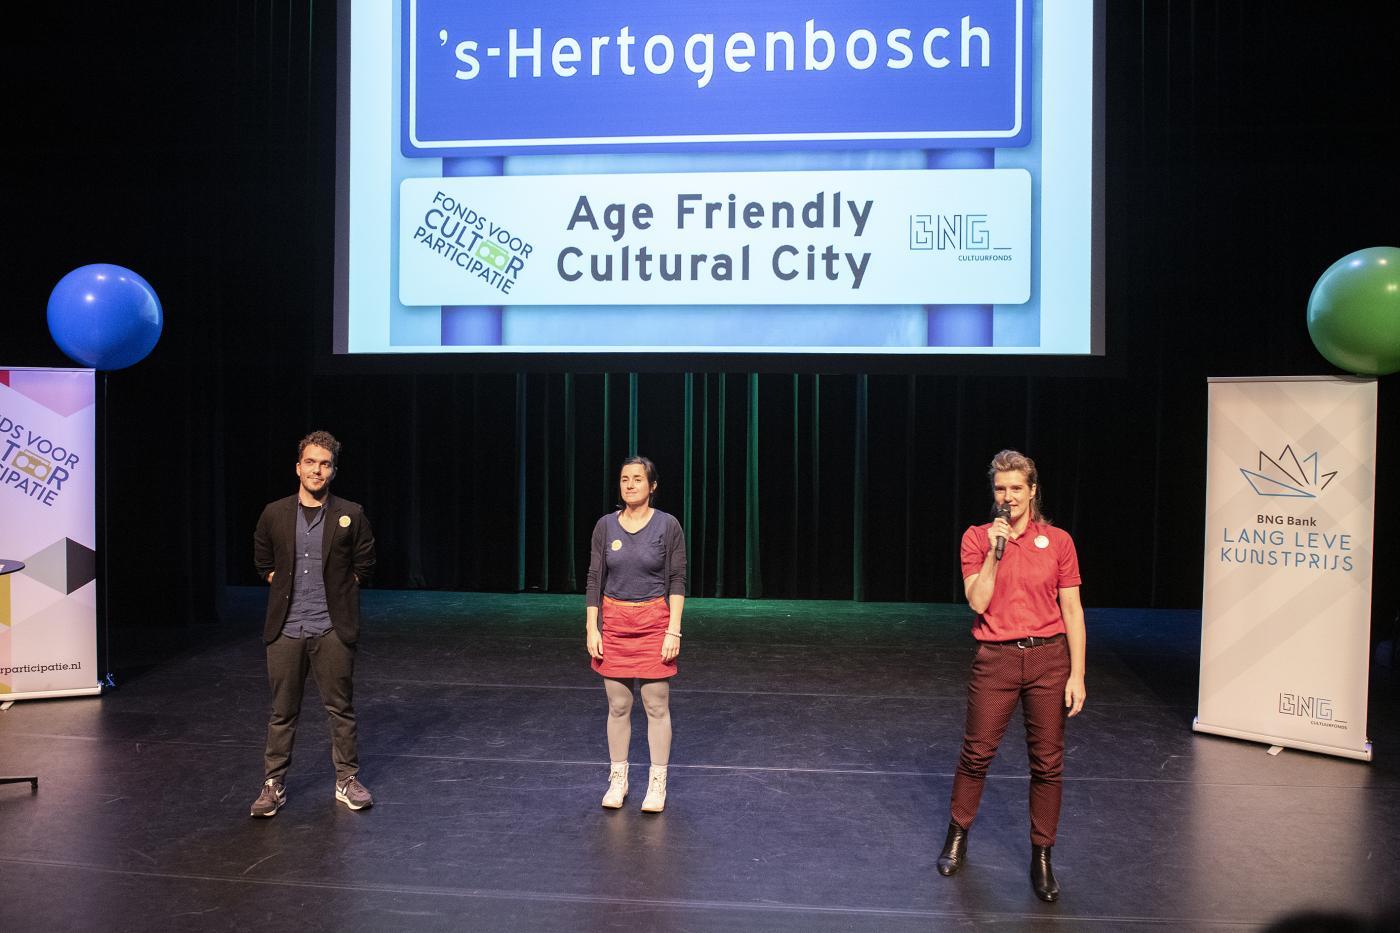 Dansvisite uit 's-Hertogenbosch vertelt over hun project